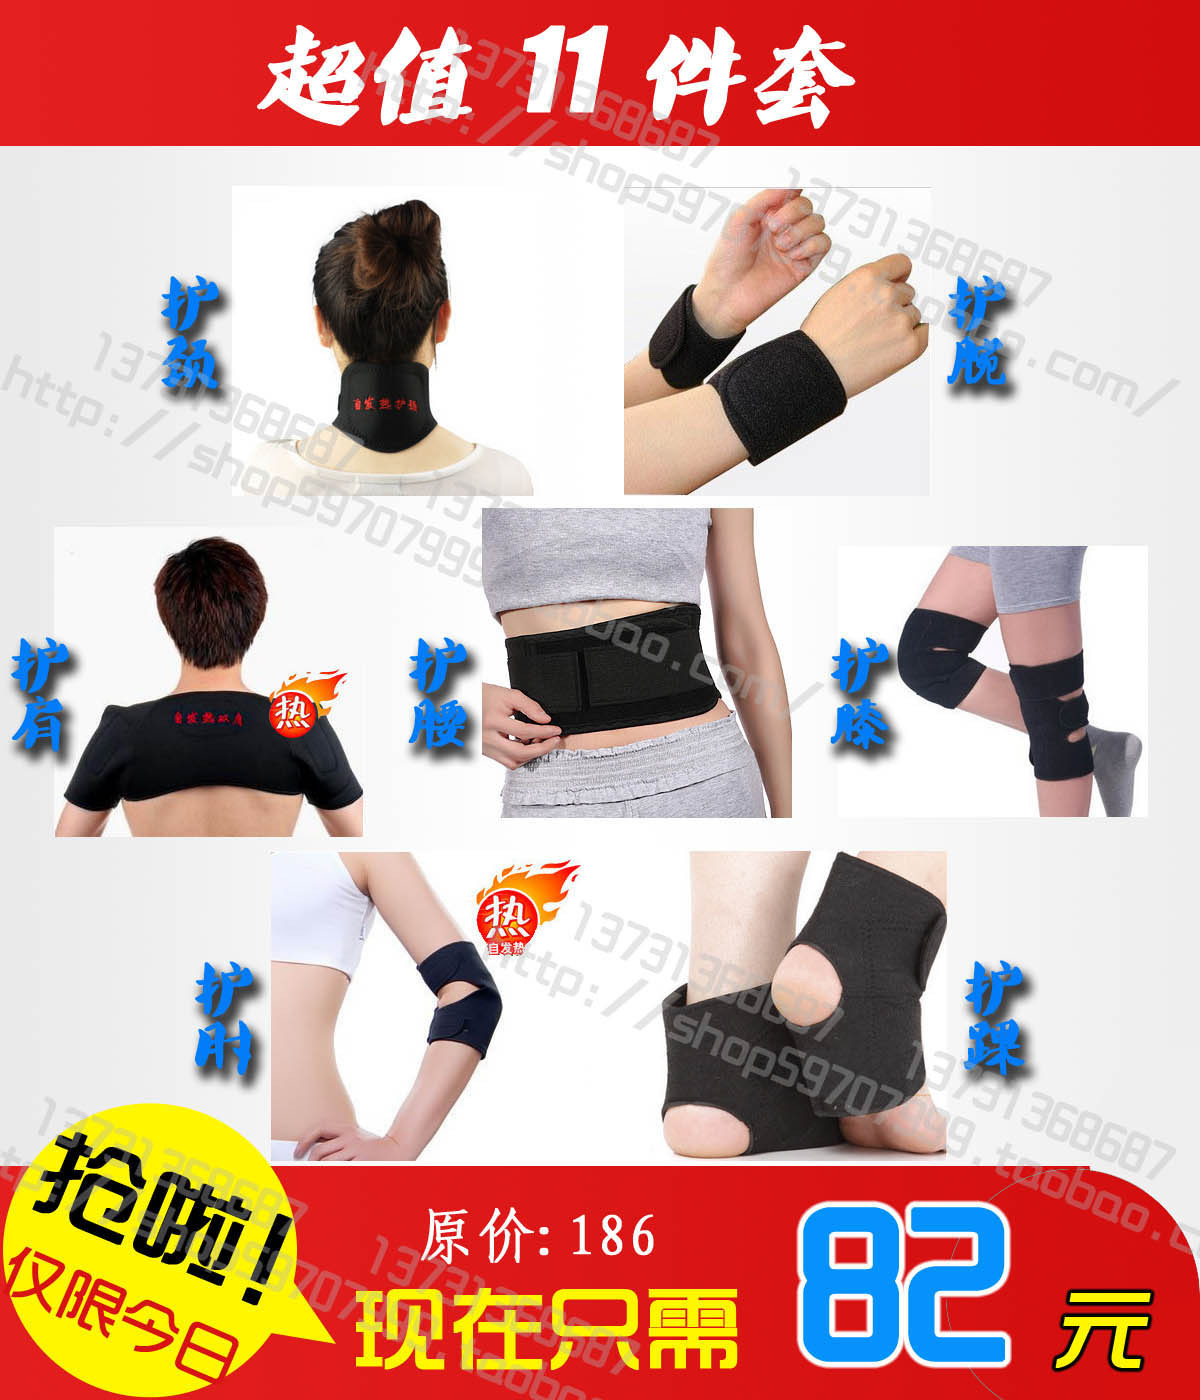 Электронная почта подлинной Турмалиновая горячей талии колена плеча лодыжки шеи запястье локтя 11 частей комплекта